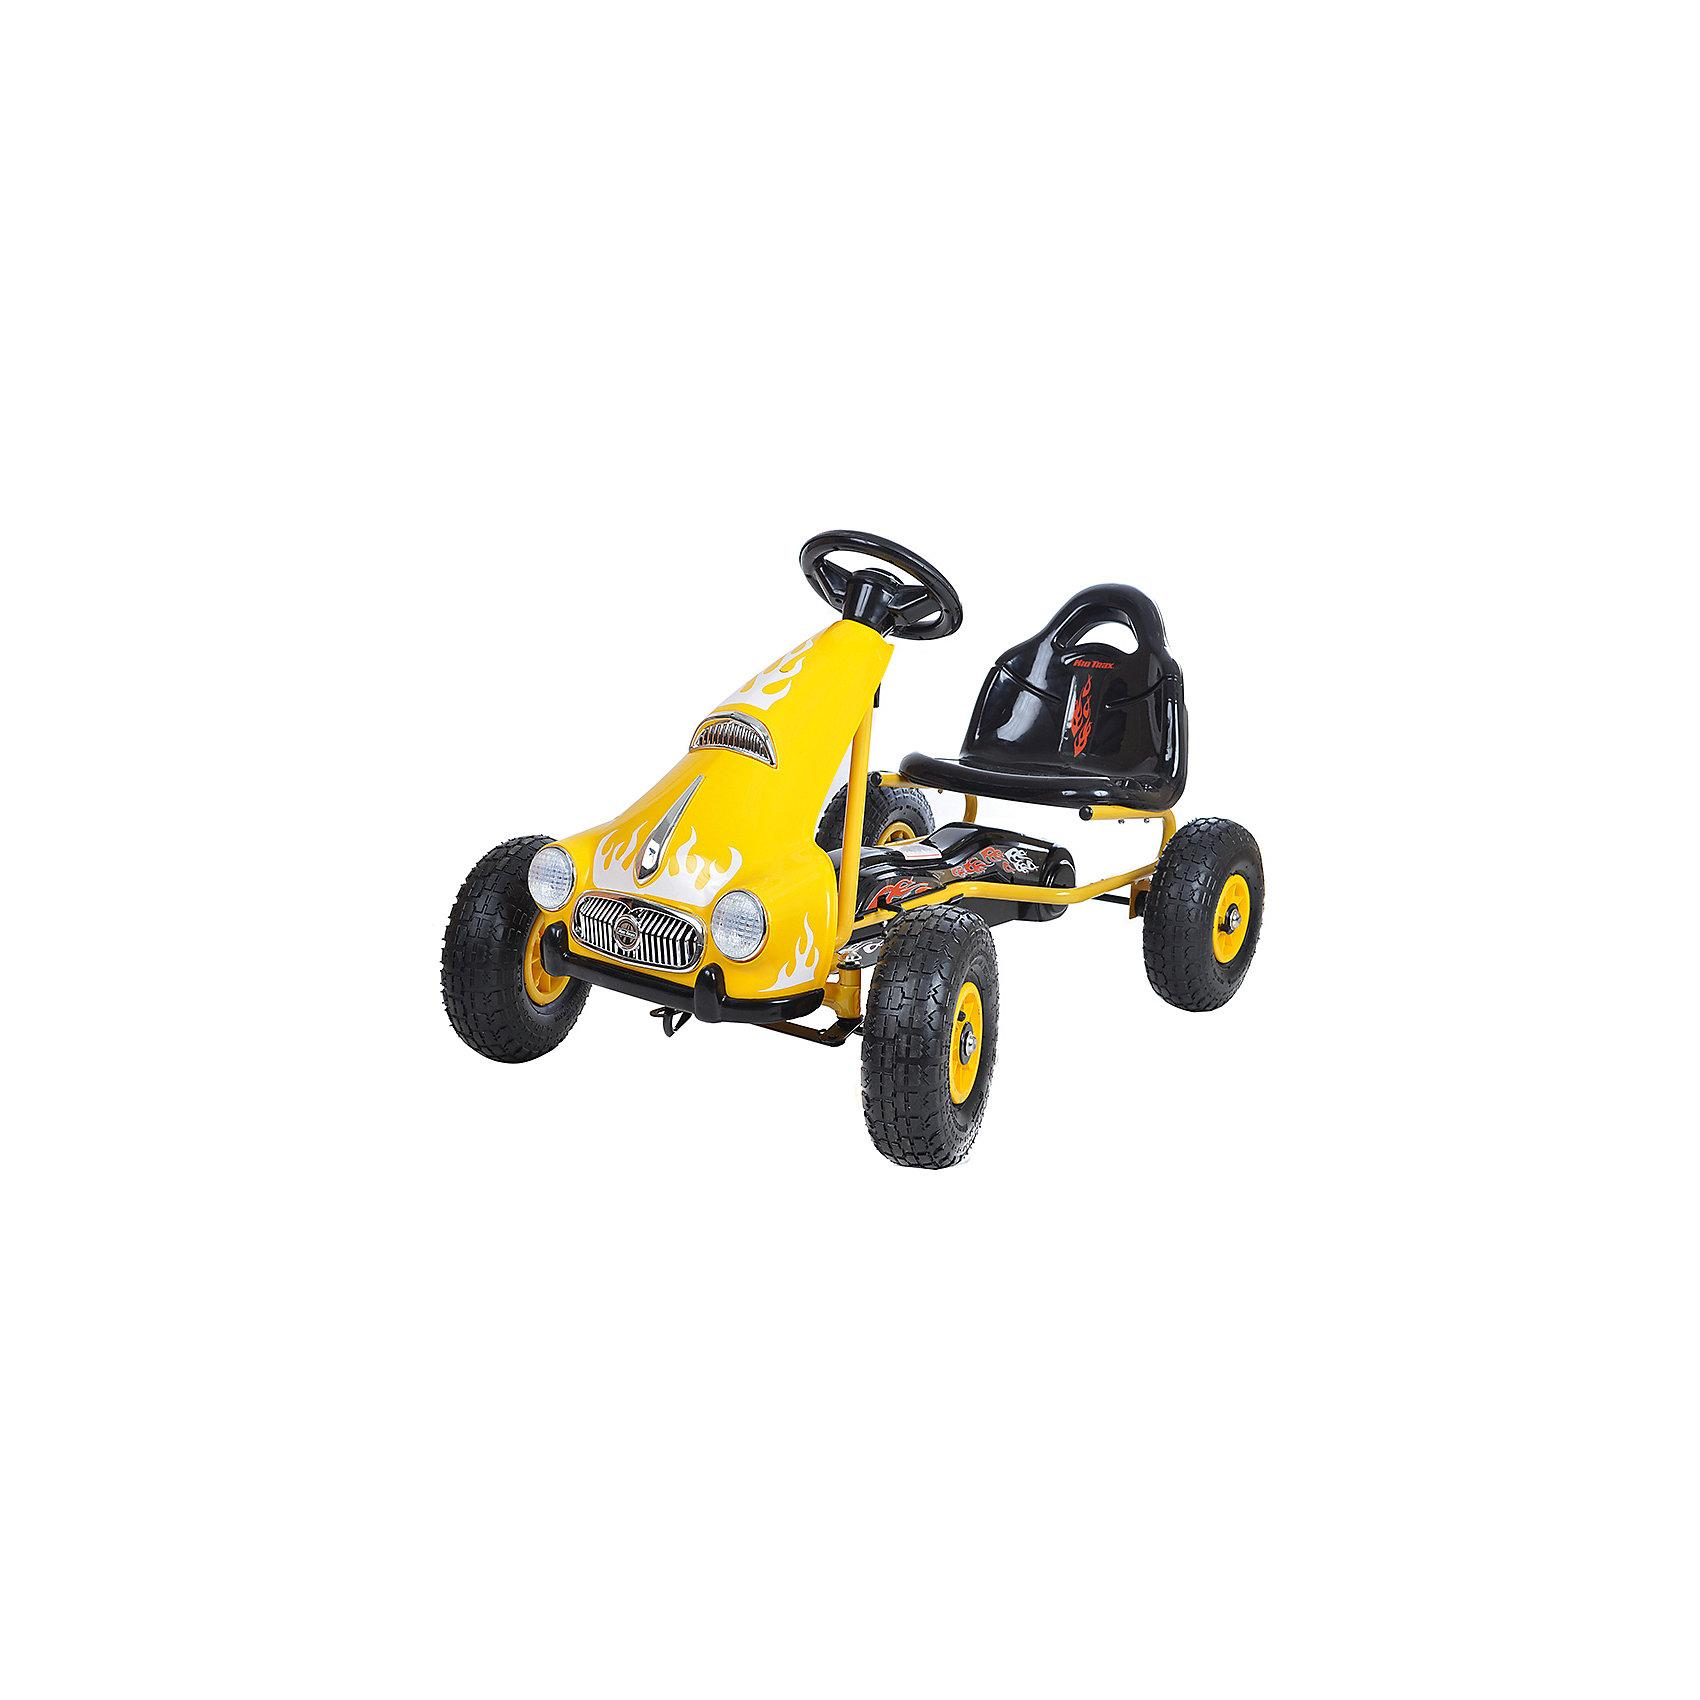 Педальный картинг РЕТРО, желтый, ANHUITECHПедальный картинг РЕТРО, желтый, ANHUITECH – удобство и комфорт для любителей быстрой езды.<br>Машина не скользит и устойчива к резким поворотам, благодаря надувным колесам. Это делает ее полностью безопасной для детей. Картинг помогает ребенку получить навыки вождения и развивает внимательность. В движение приводится с помощью педалей, а ручной рычаг тормозит картинг. Рассчитана машина на одно посадочное место. Сидение можно отрегулировать. <br><br>Дополнительная информация: <br><br>- размер: 101х62х62 см;<br>- размер посадочного места: 35х20х35 см.<br>- возраст: от 3 до 8 лет <br>- материал: пластик, металл<br>- цвет: желтый<br><br>Педальный картинг РЕТРО, желтый, ANHUITECH можно купить в нашем интернет магазине.<br><br>Ширина мм: 1010<br>Глубина мм: 620<br>Высота мм: 620<br>Вес г: 11500<br>Возраст от месяцев: 36<br>Возраст до месяцев: 96<br>Пол: Унисекс<br>Возраст: Детский<br>SKU: 4995149